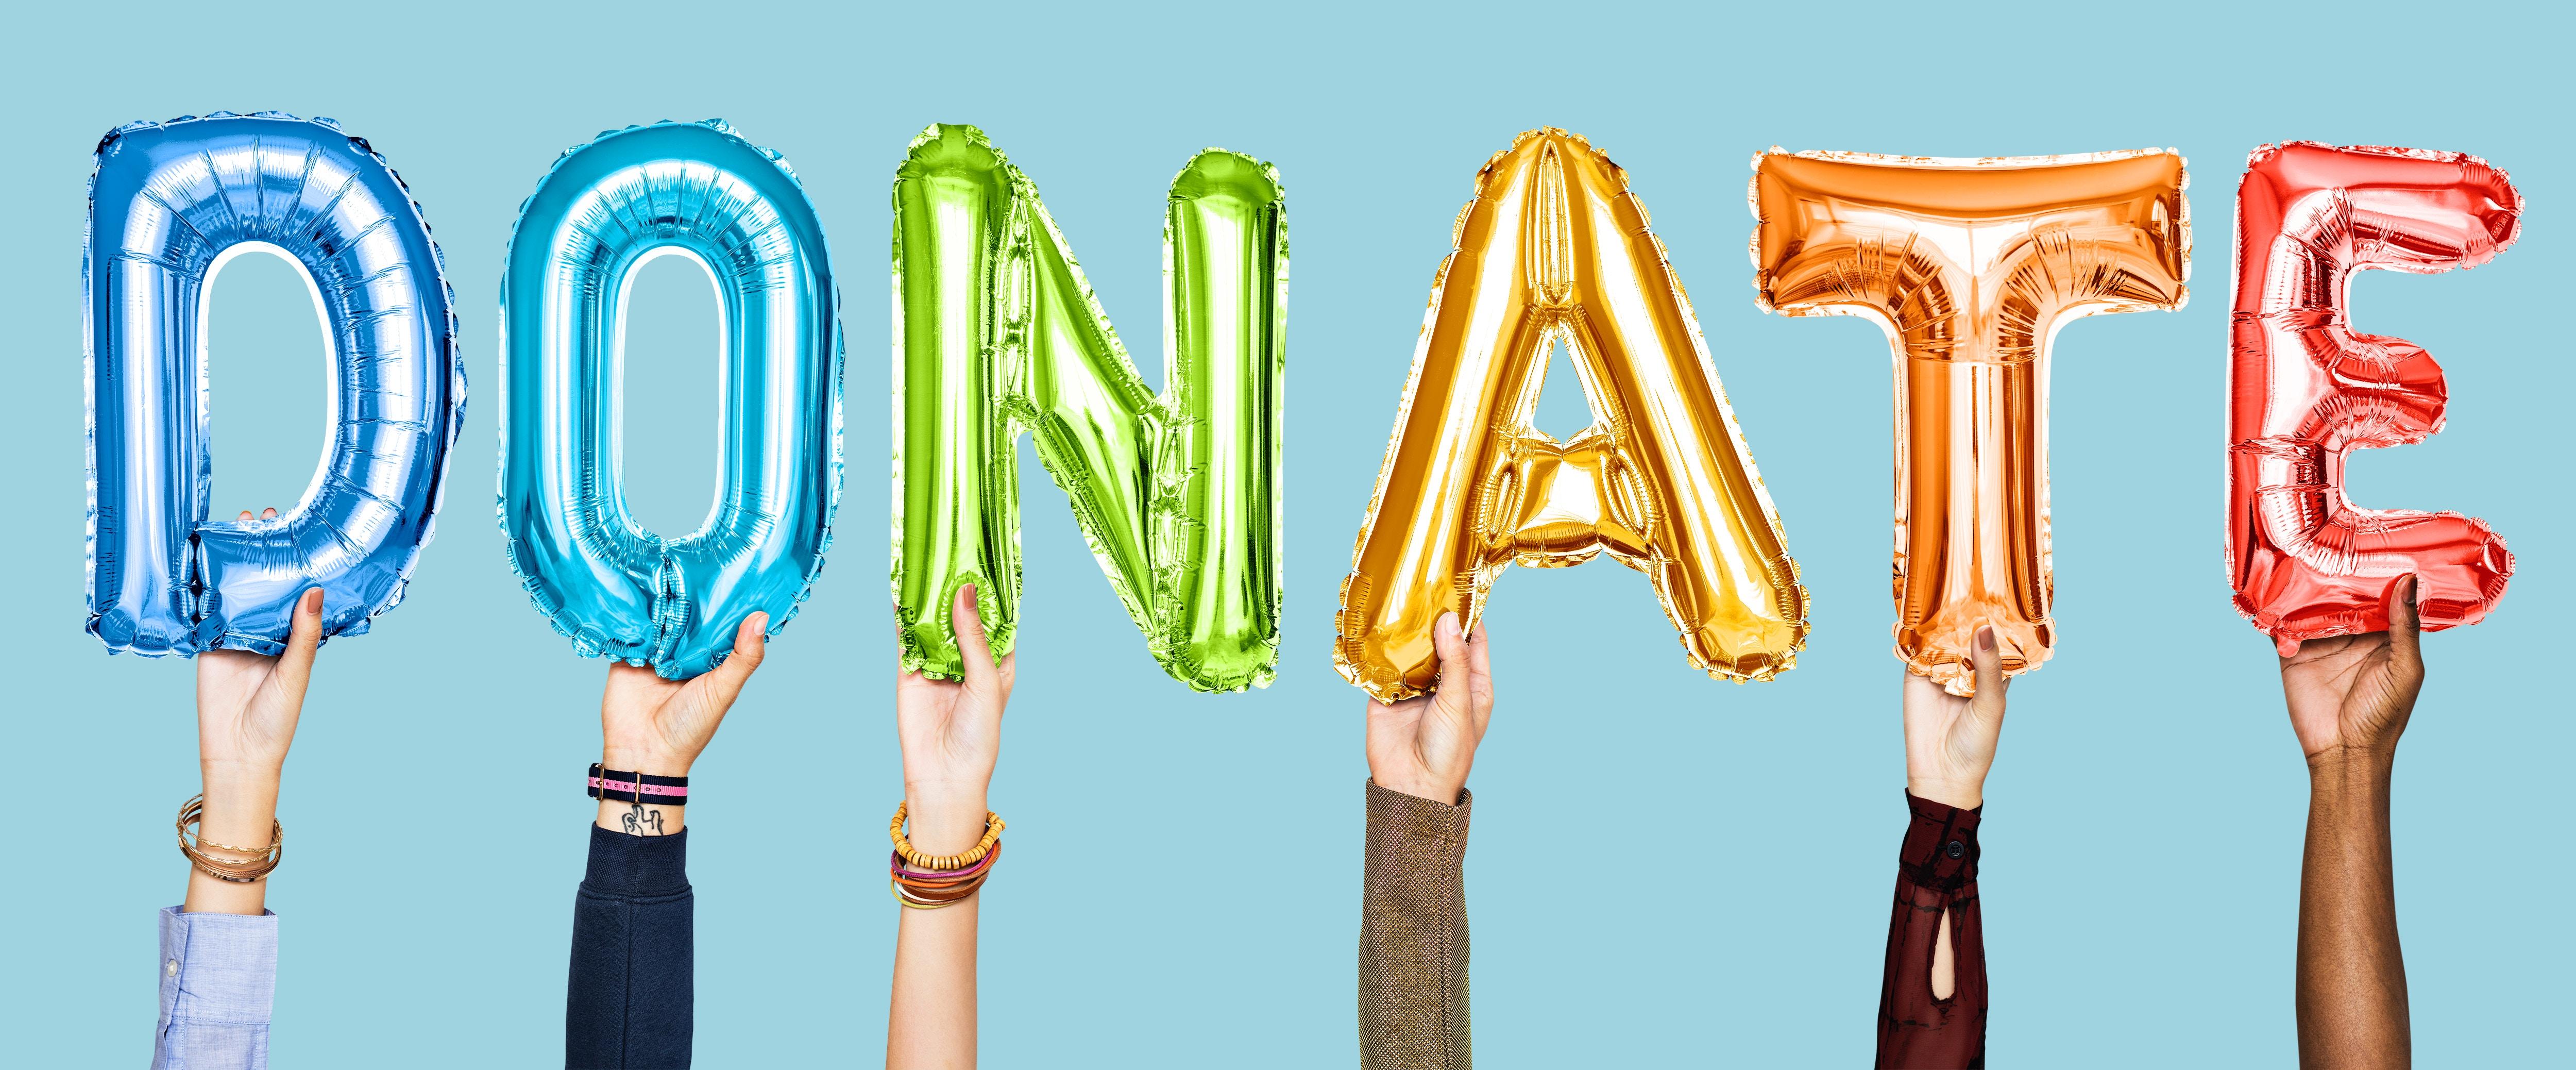 Afbeelding met handen die de letters in de vorm van ballonen vasthouden en het woord 'donate' vormen.